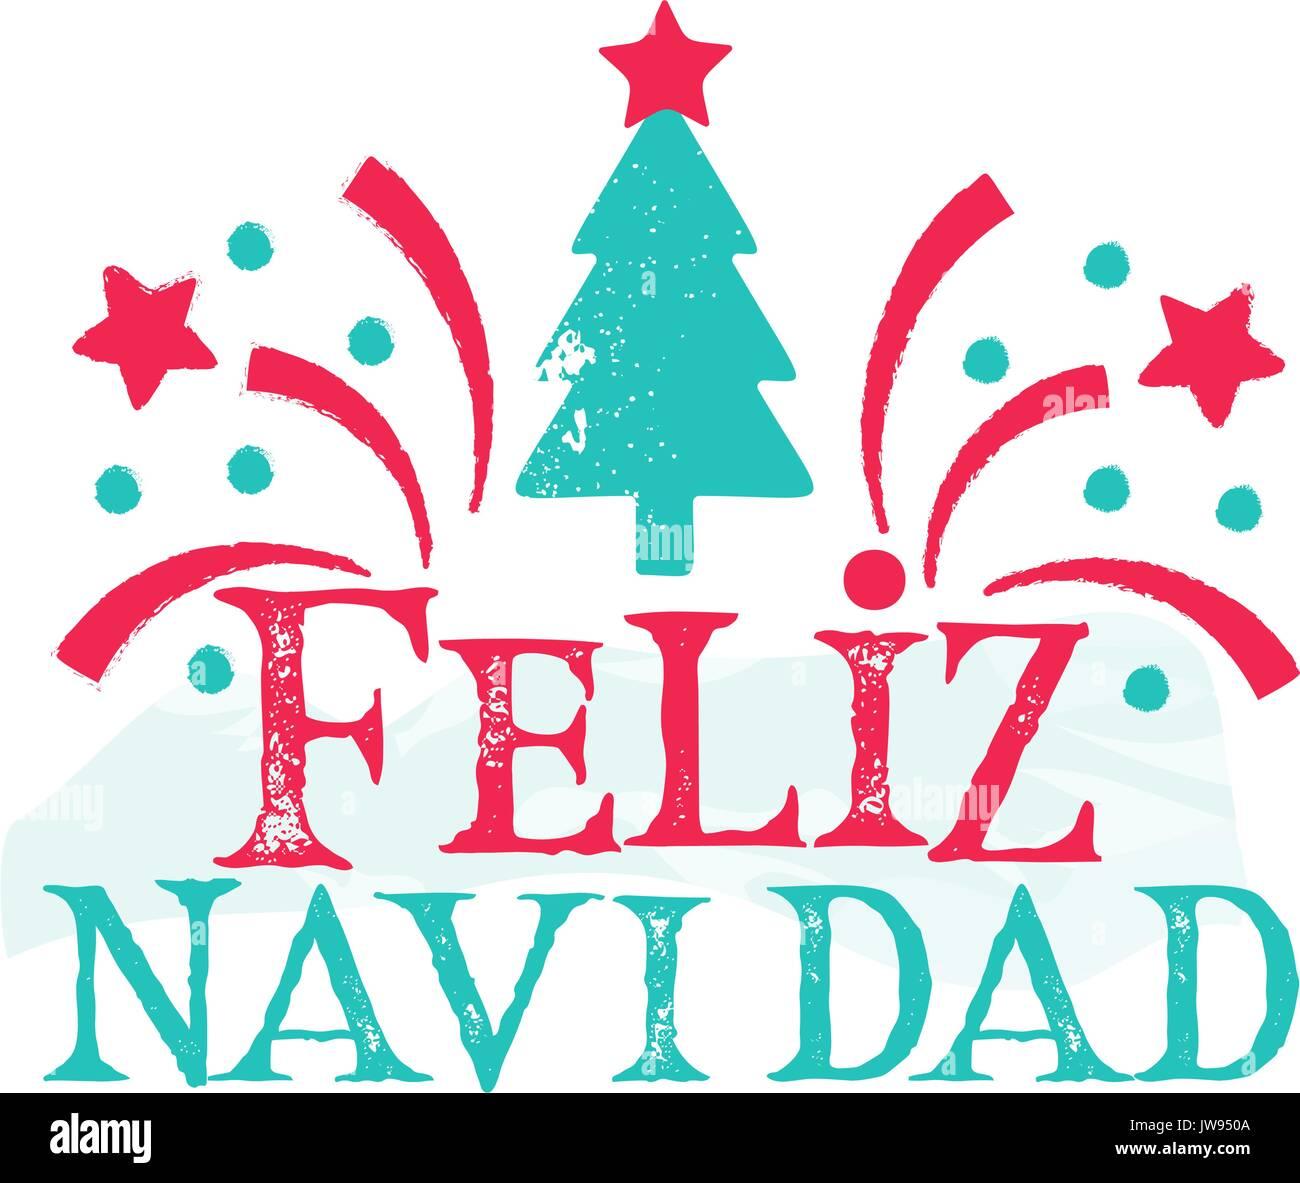 Feliz Navidad Joyeux Noel 2019.Feliz Navidad Joyeux Noel Langue Espagnol Vecteurs Et